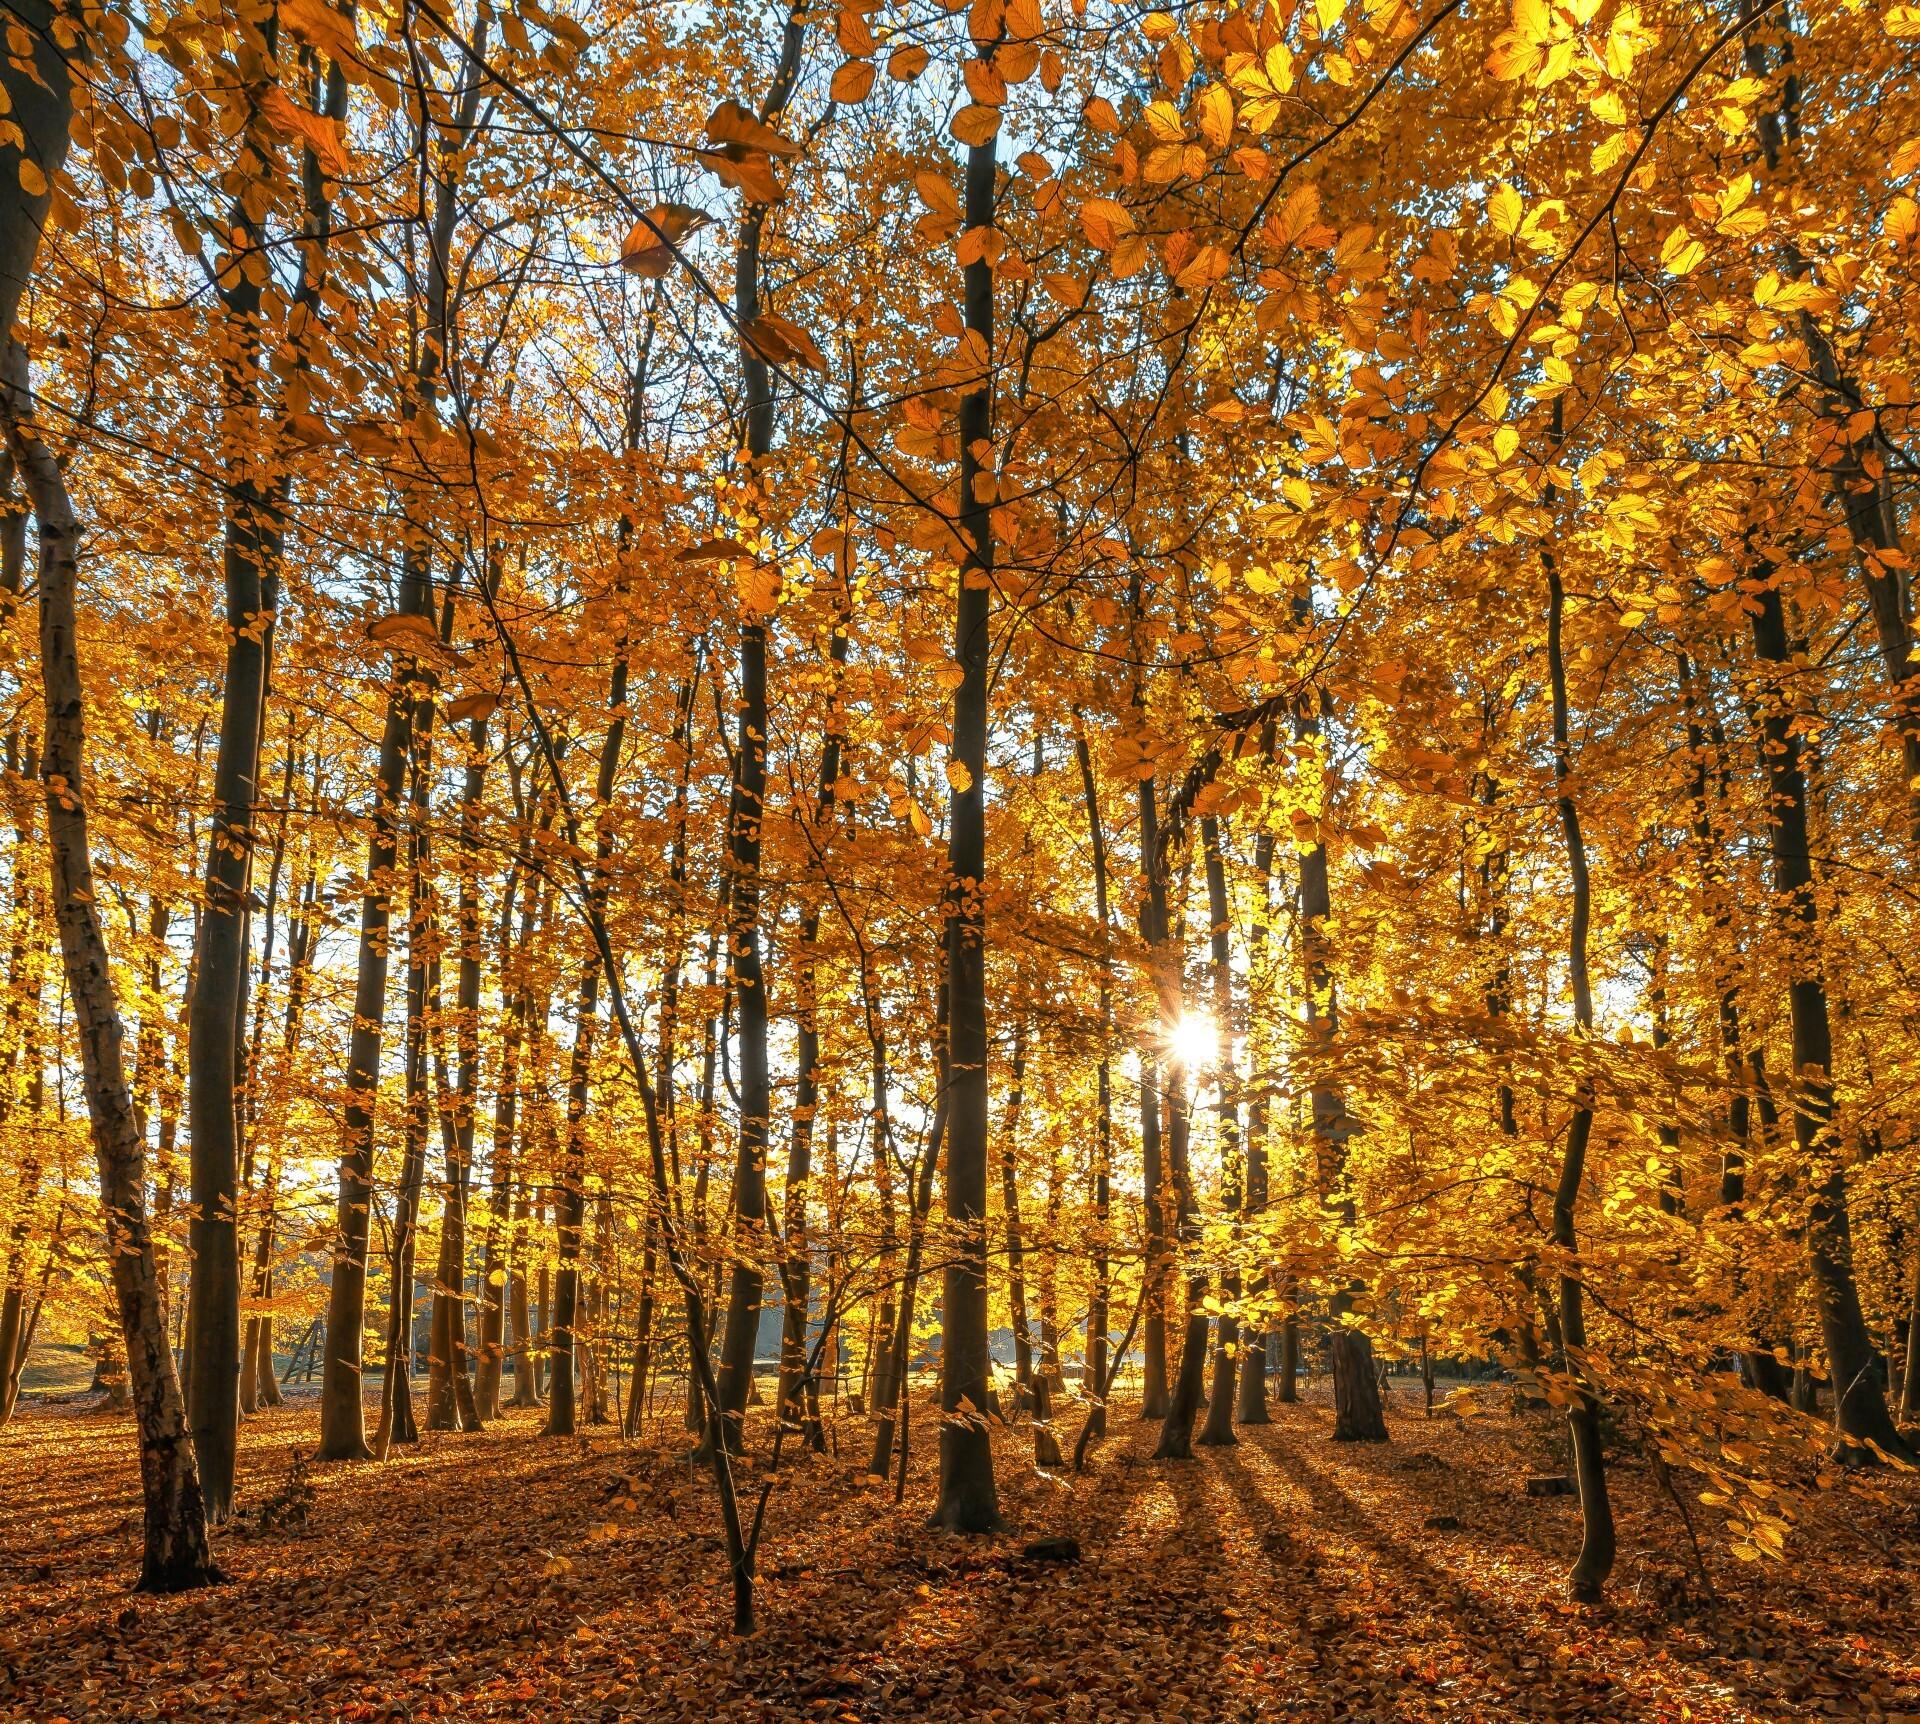 Zon schijnt door herfstbos VVV Texel fotograaf Justin Sinner